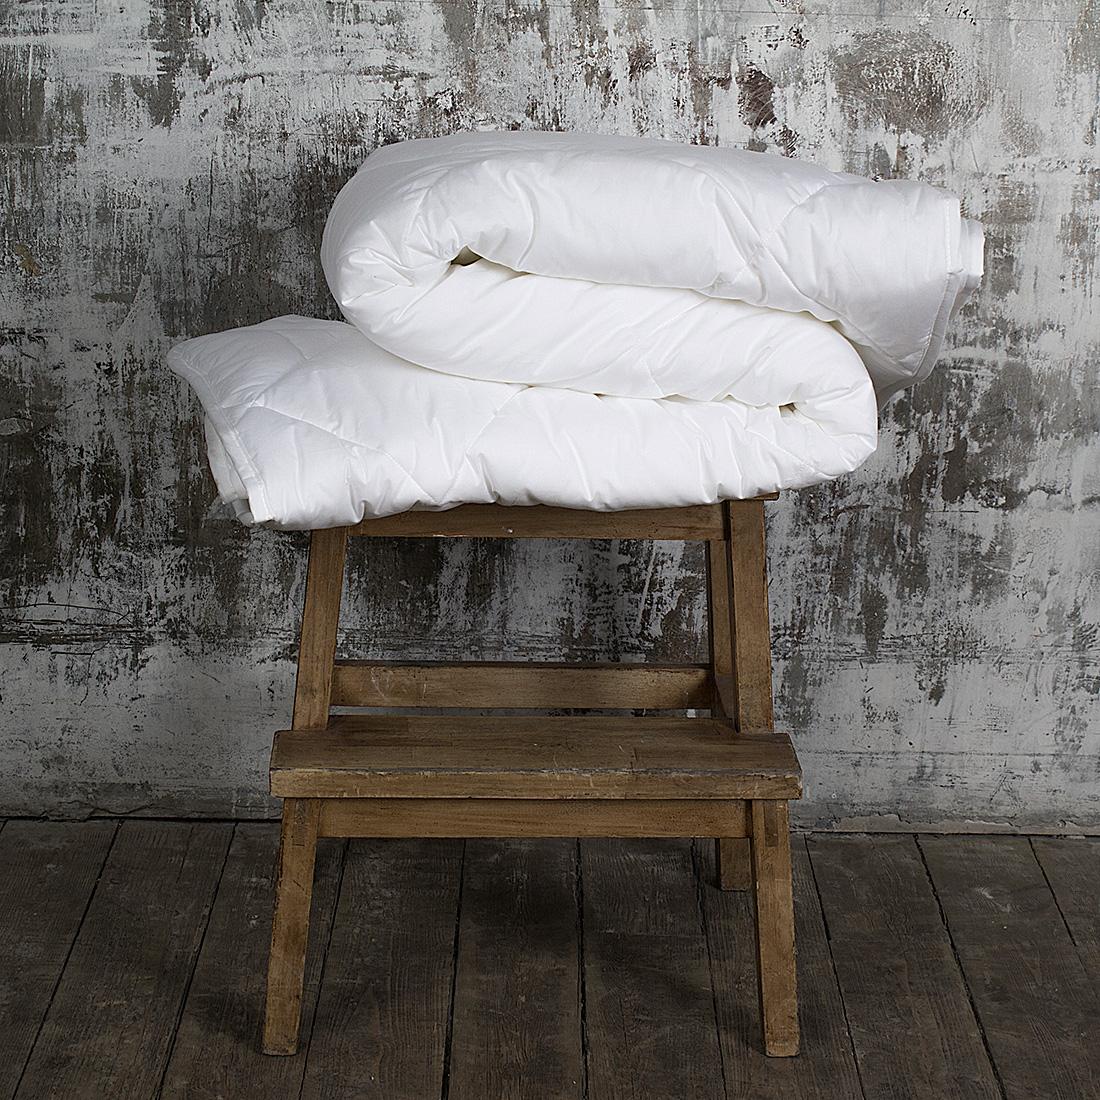 где купить Одеяла William Roberts Одеяло Essential Bamboo Всесезонное (200х220 см) по лучшей цене